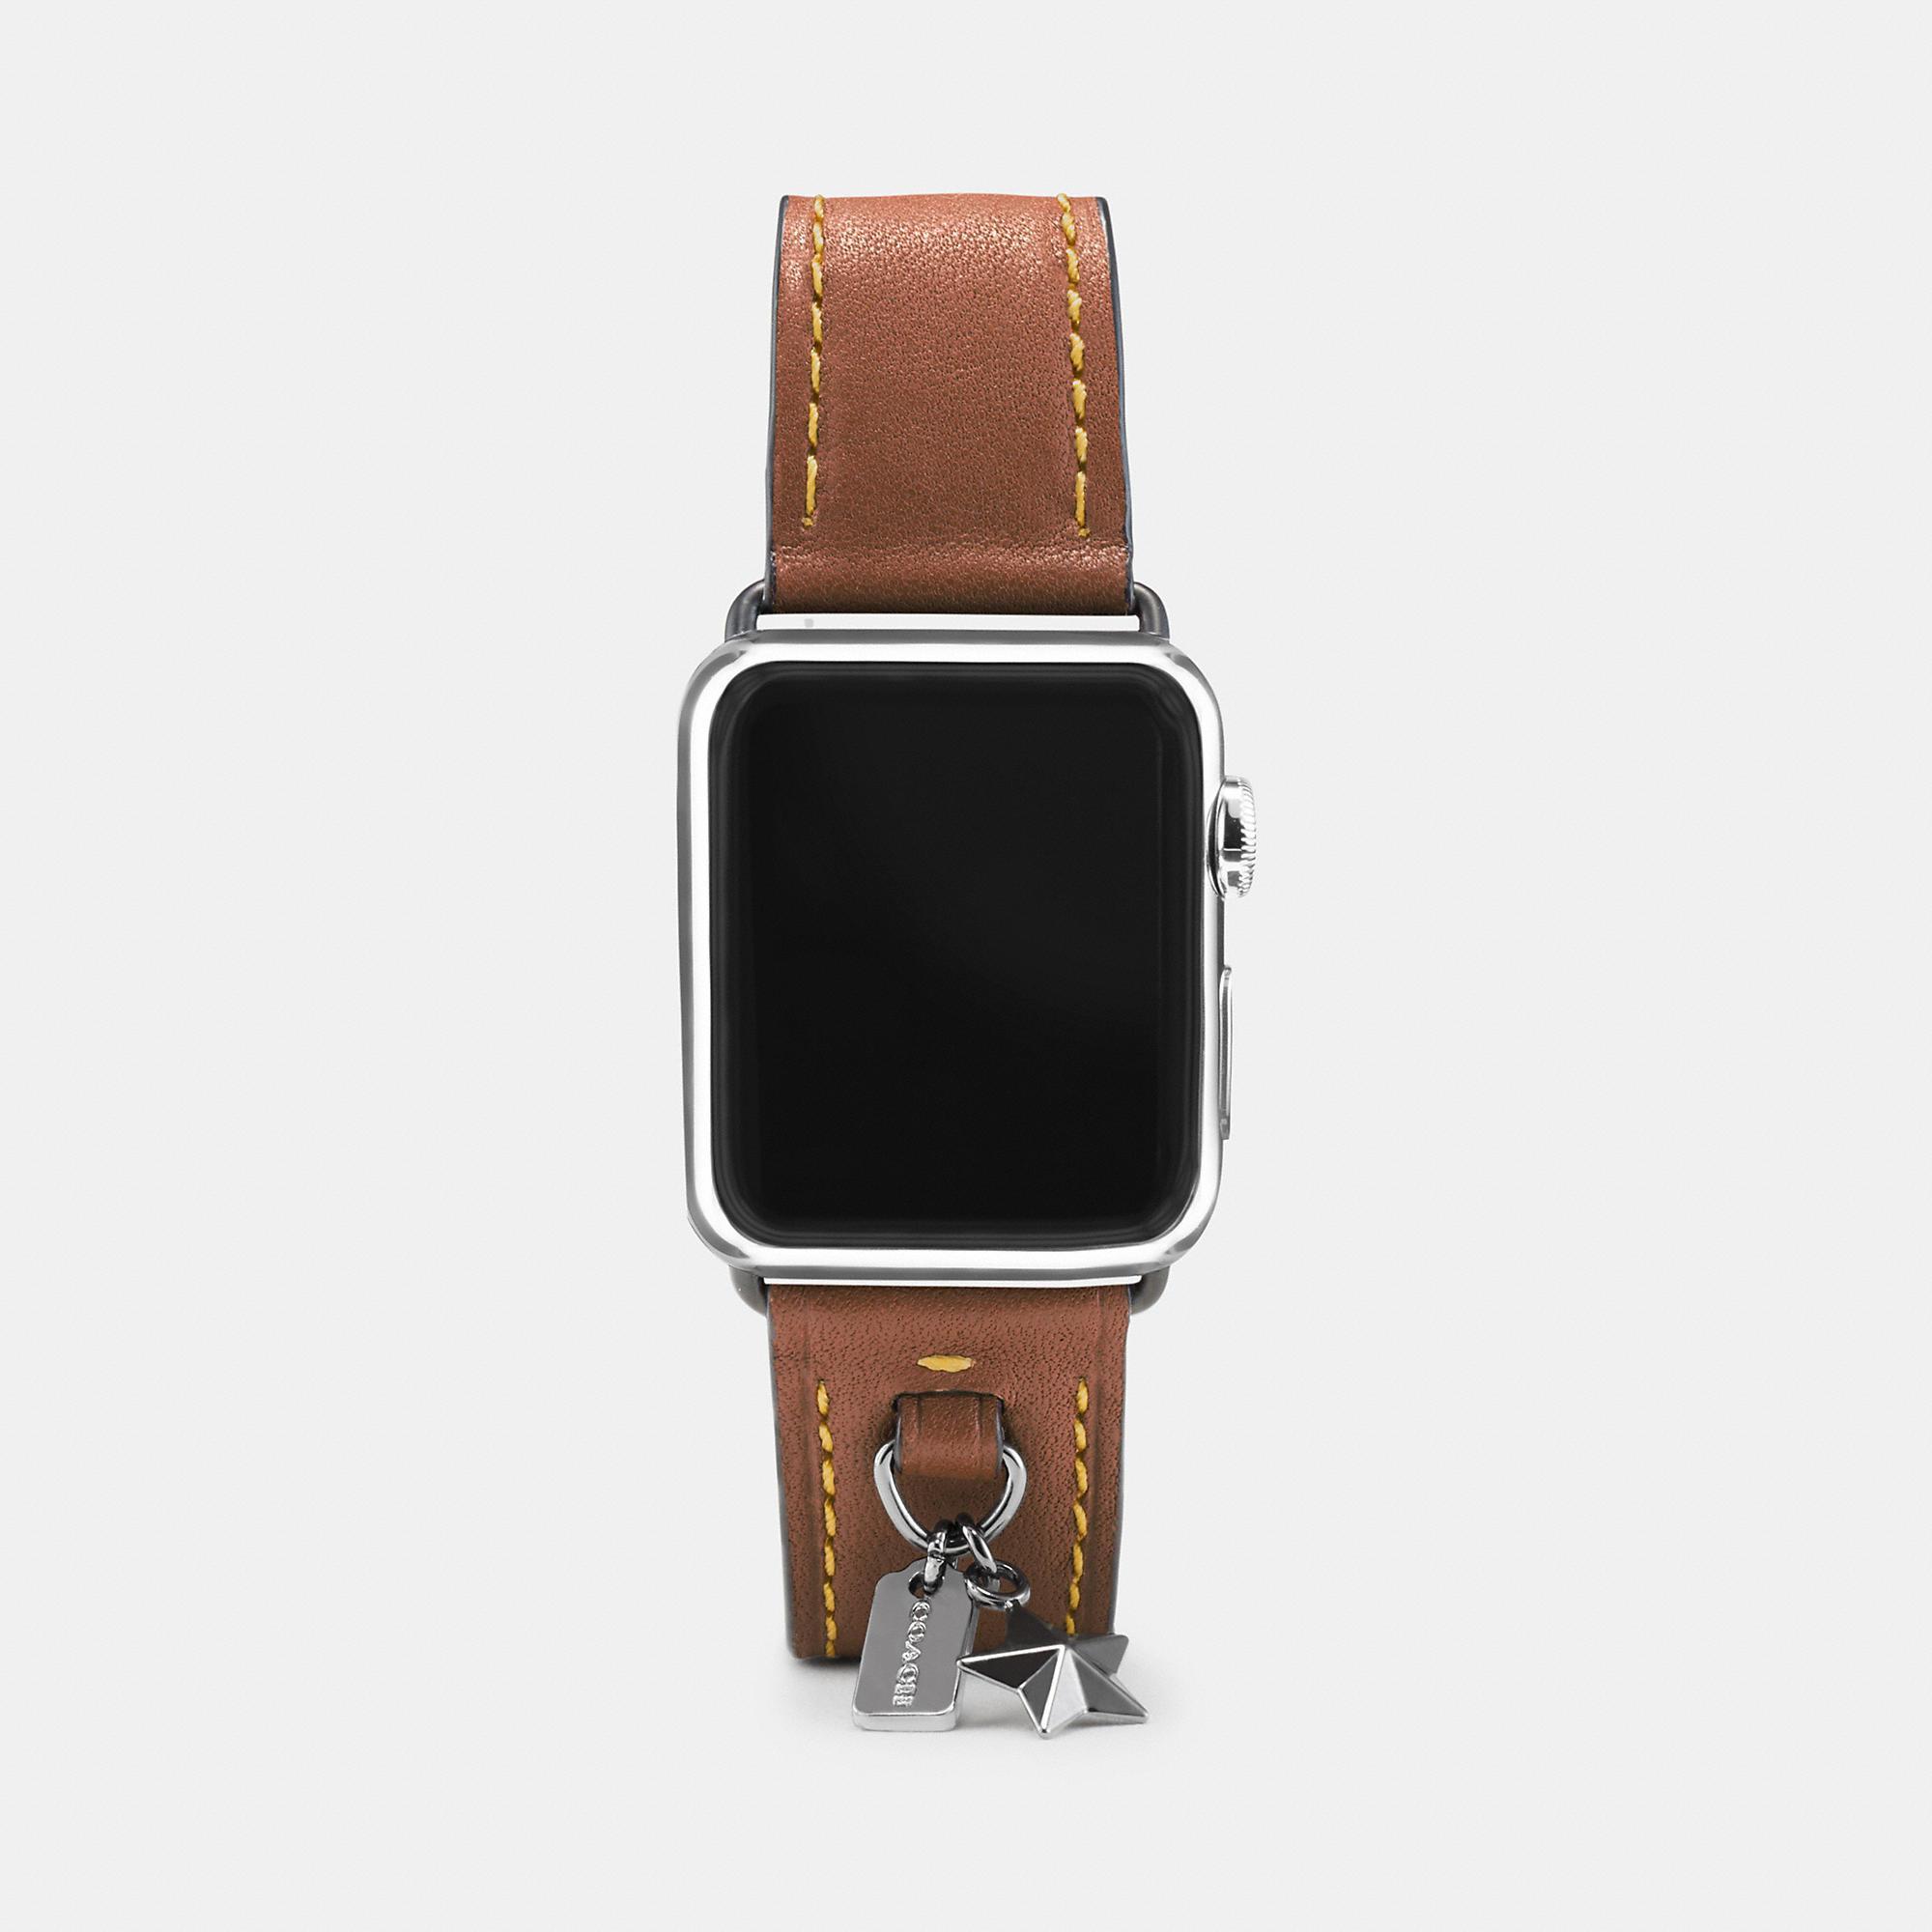 Pulseira da Coach para o Apple Watch